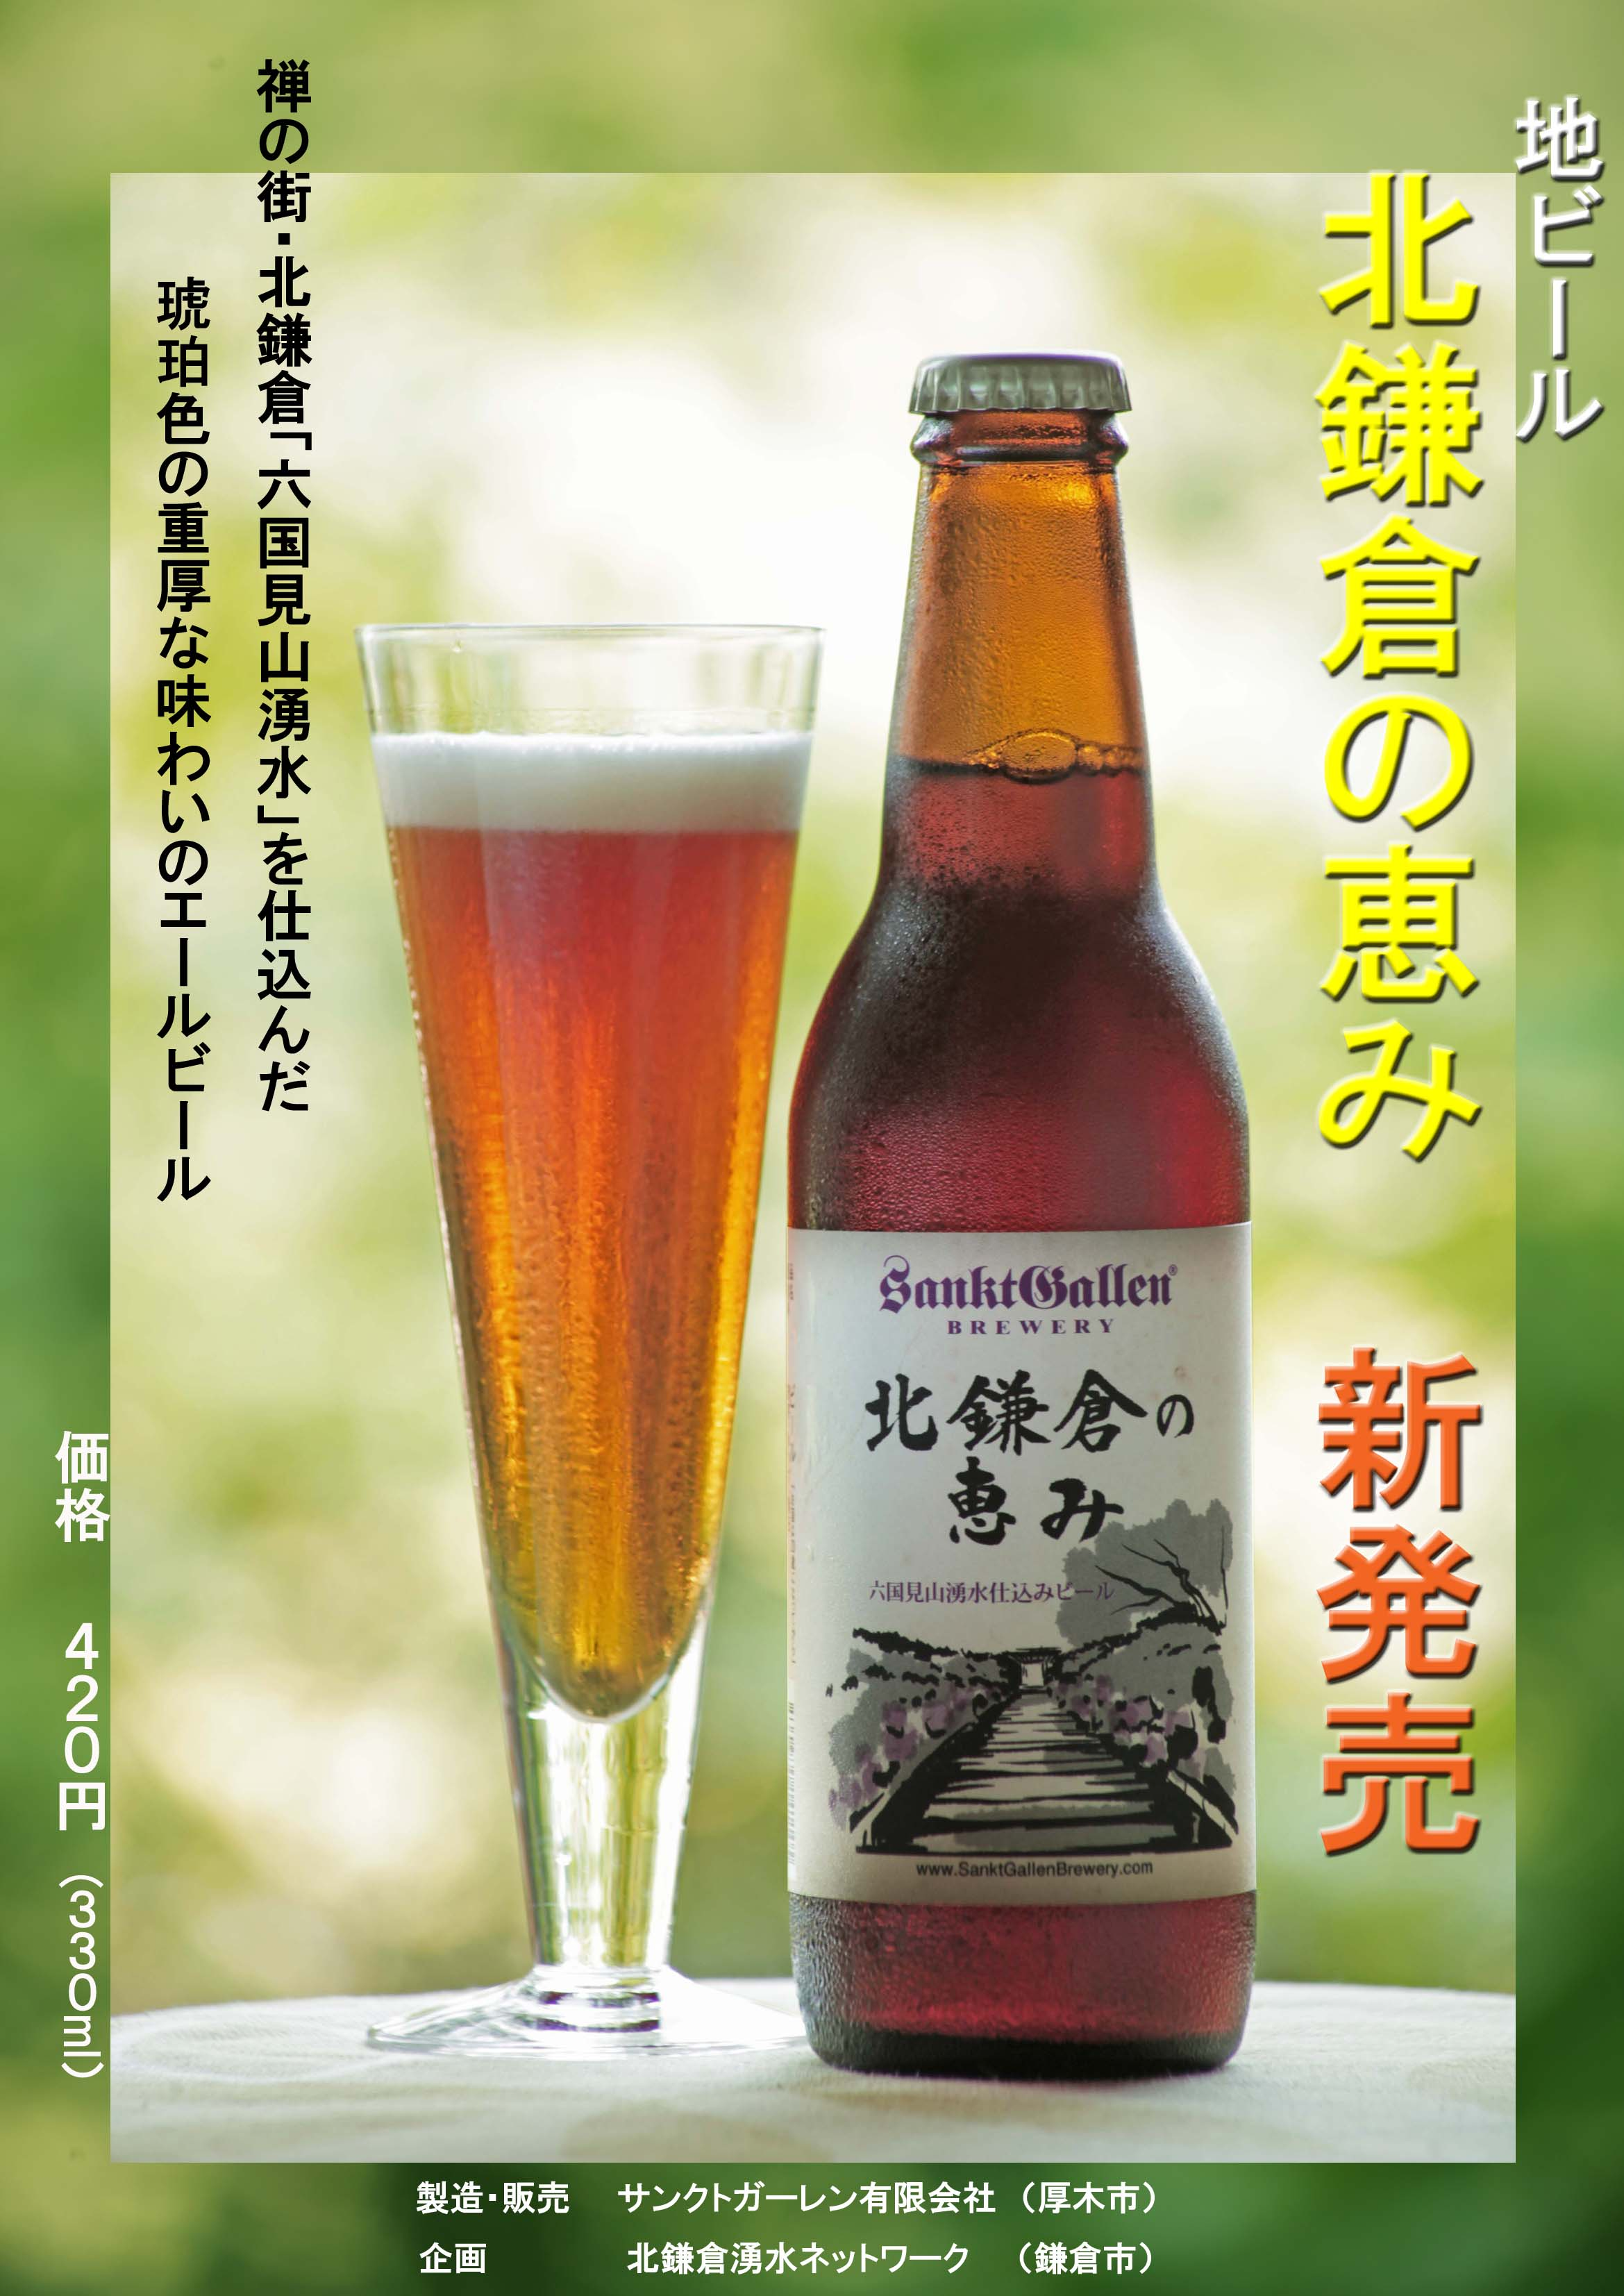 日経新聞が地ビール「北鎌倉の恵み」復活を掲載:9月5日付_c0014967_18571386.jpg